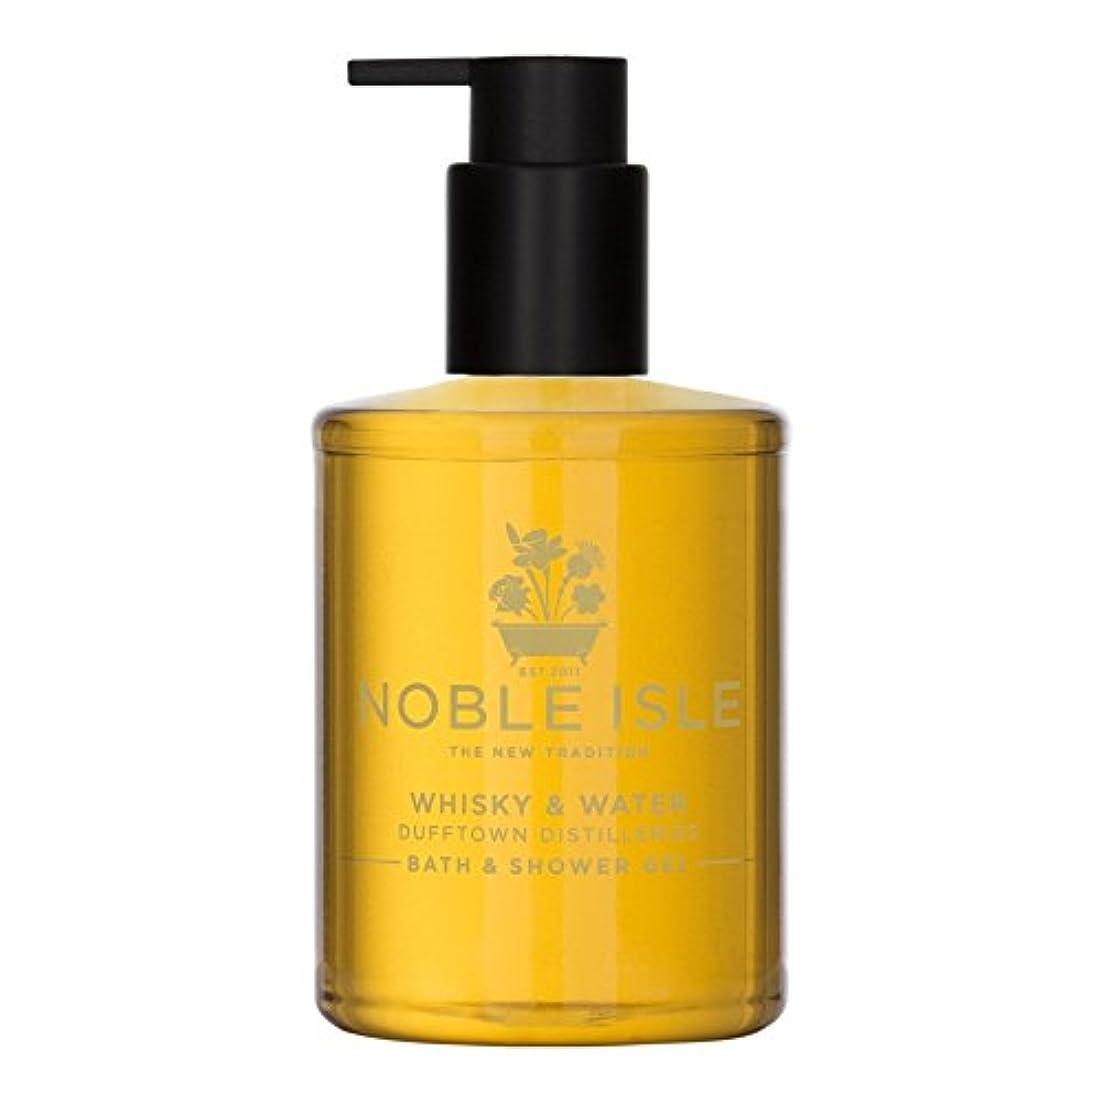 クルーズアレキサンダーグラハムベル球状高貴な島ウイスキー&ウォーターバス&シャワージェル250ミリリットル x4 - Noble Isle Whisky & Water Bath & Shower Gel 250ml (Pack of 4) [並行輸入品]